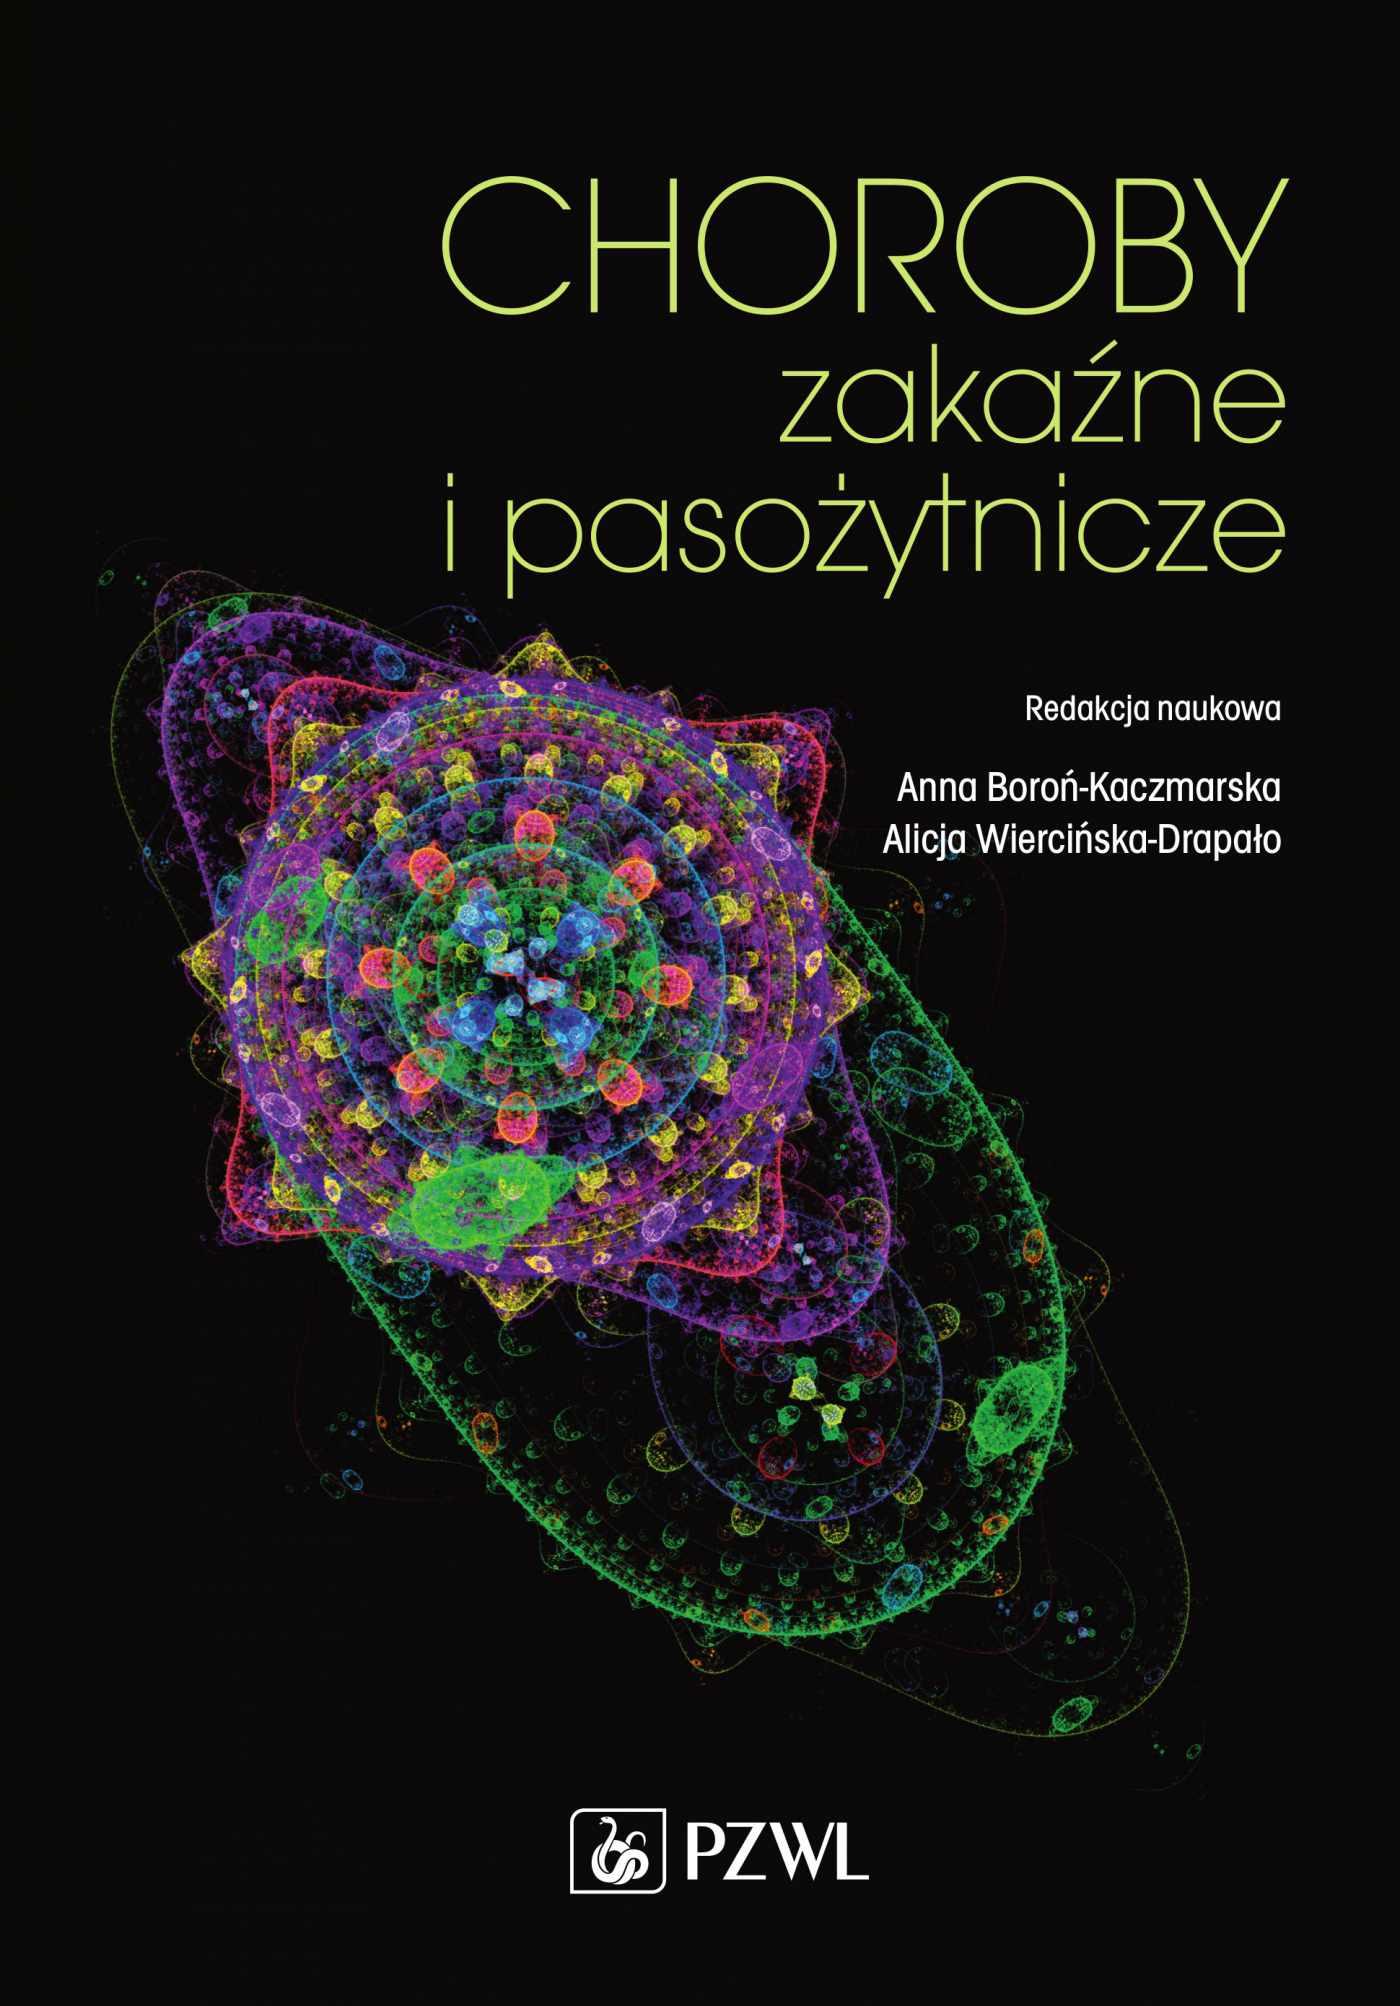 Choroby zakaźne i pasożytnicze - Ebook (Książka na Kindle) do pobrania w formacie MOBI